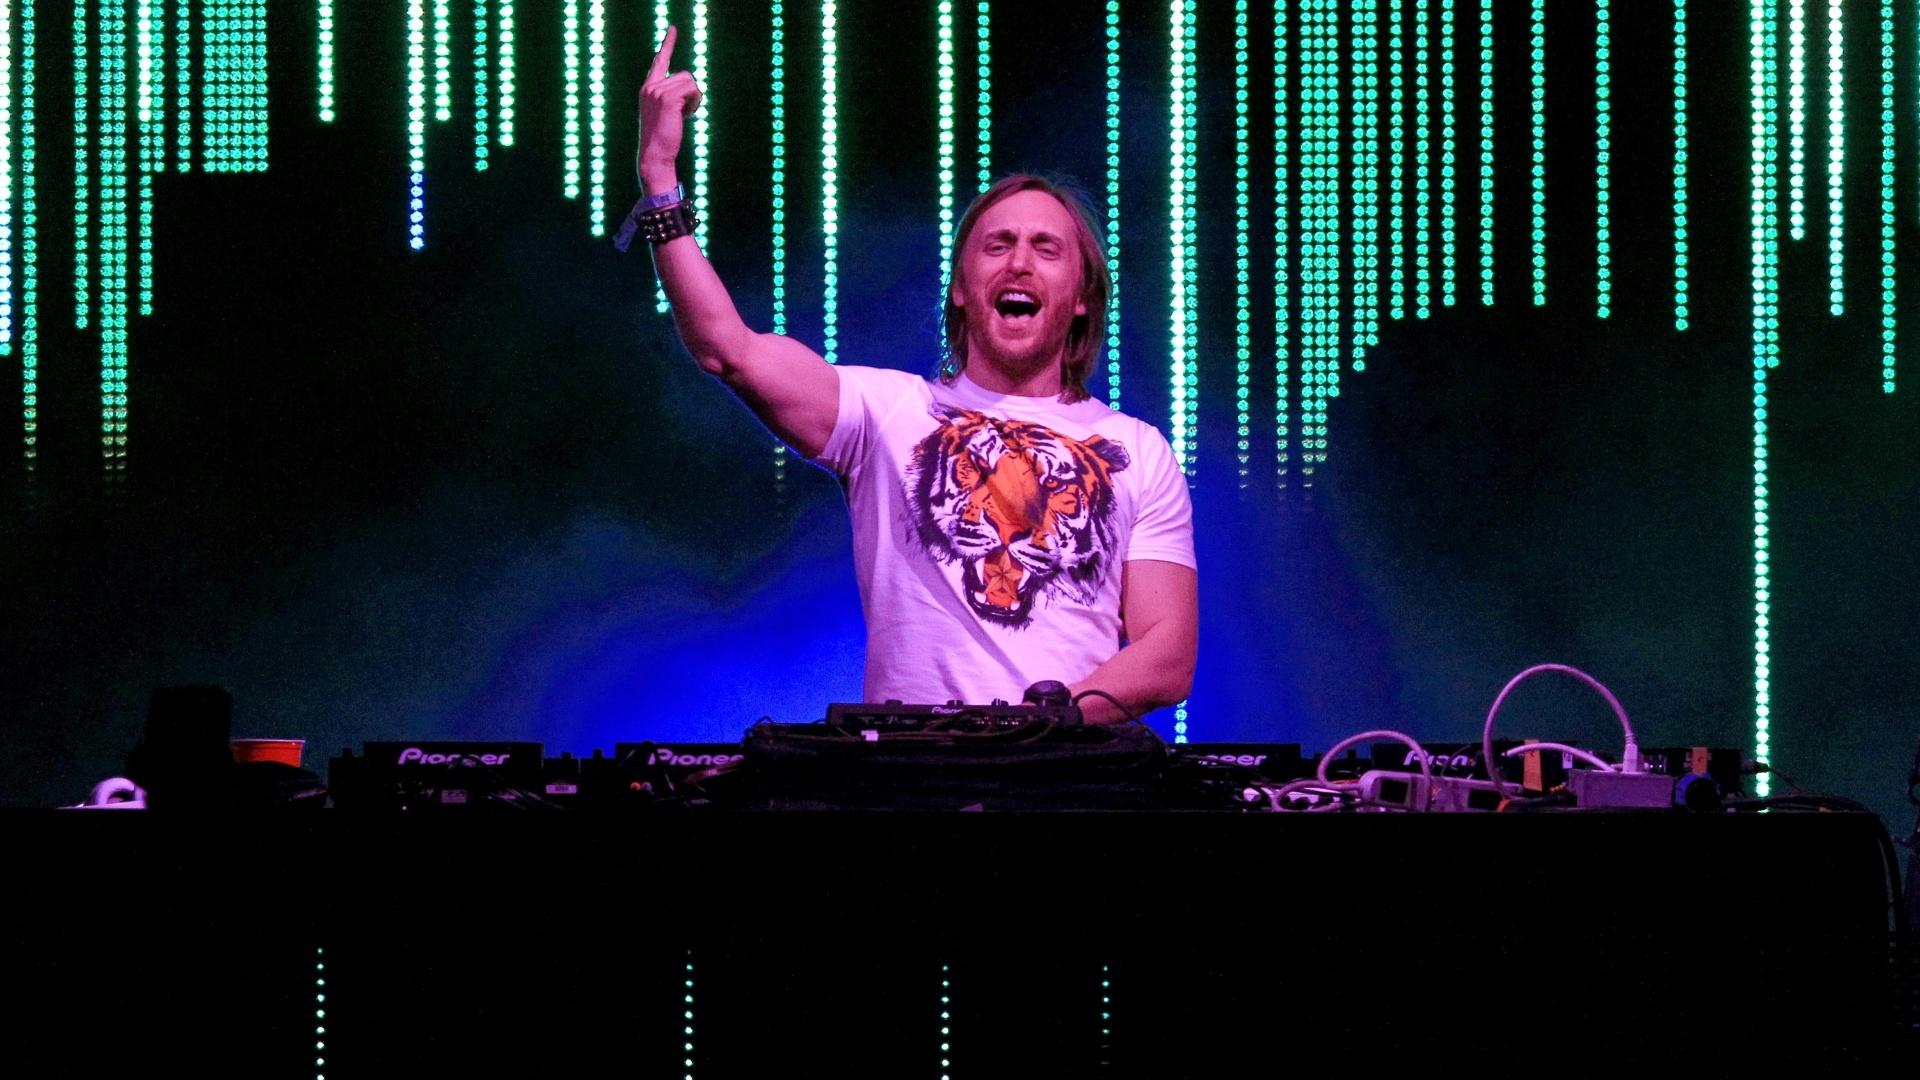 David Guetta se apresenta no segundo dia do festival Coachella, em Indio, Califórnia (14/4/12)